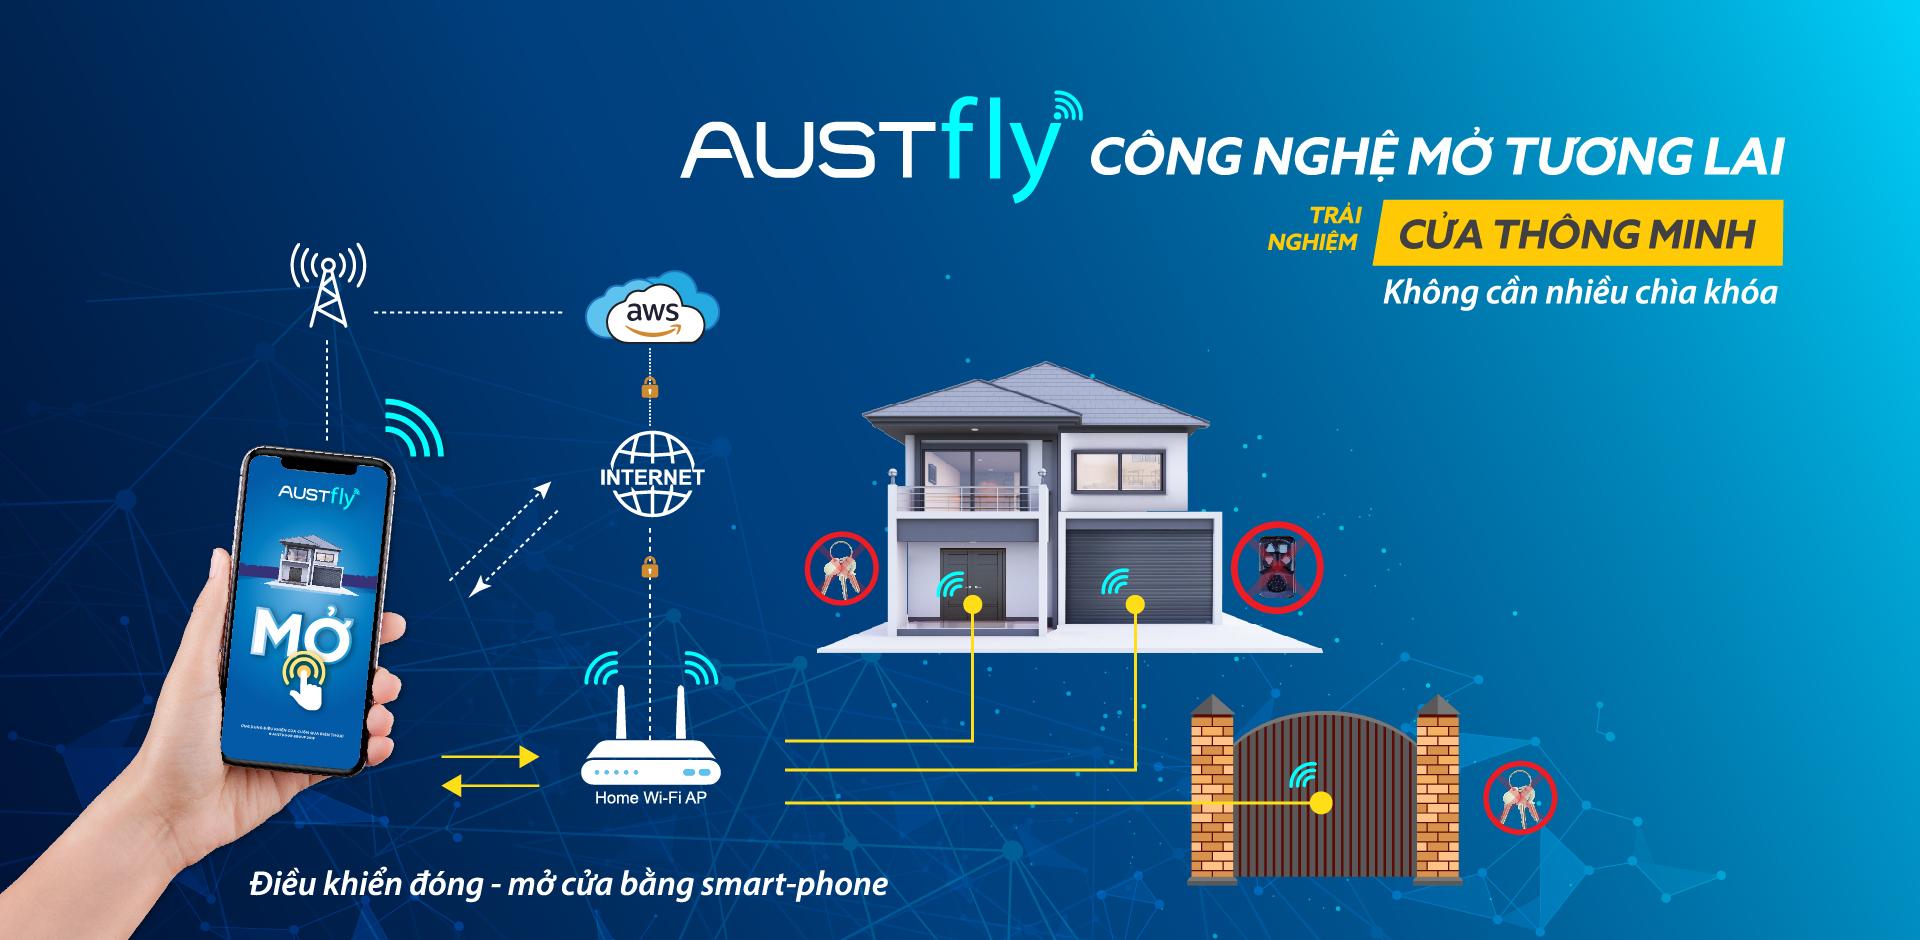 Austfly công nghệ mở tương lai